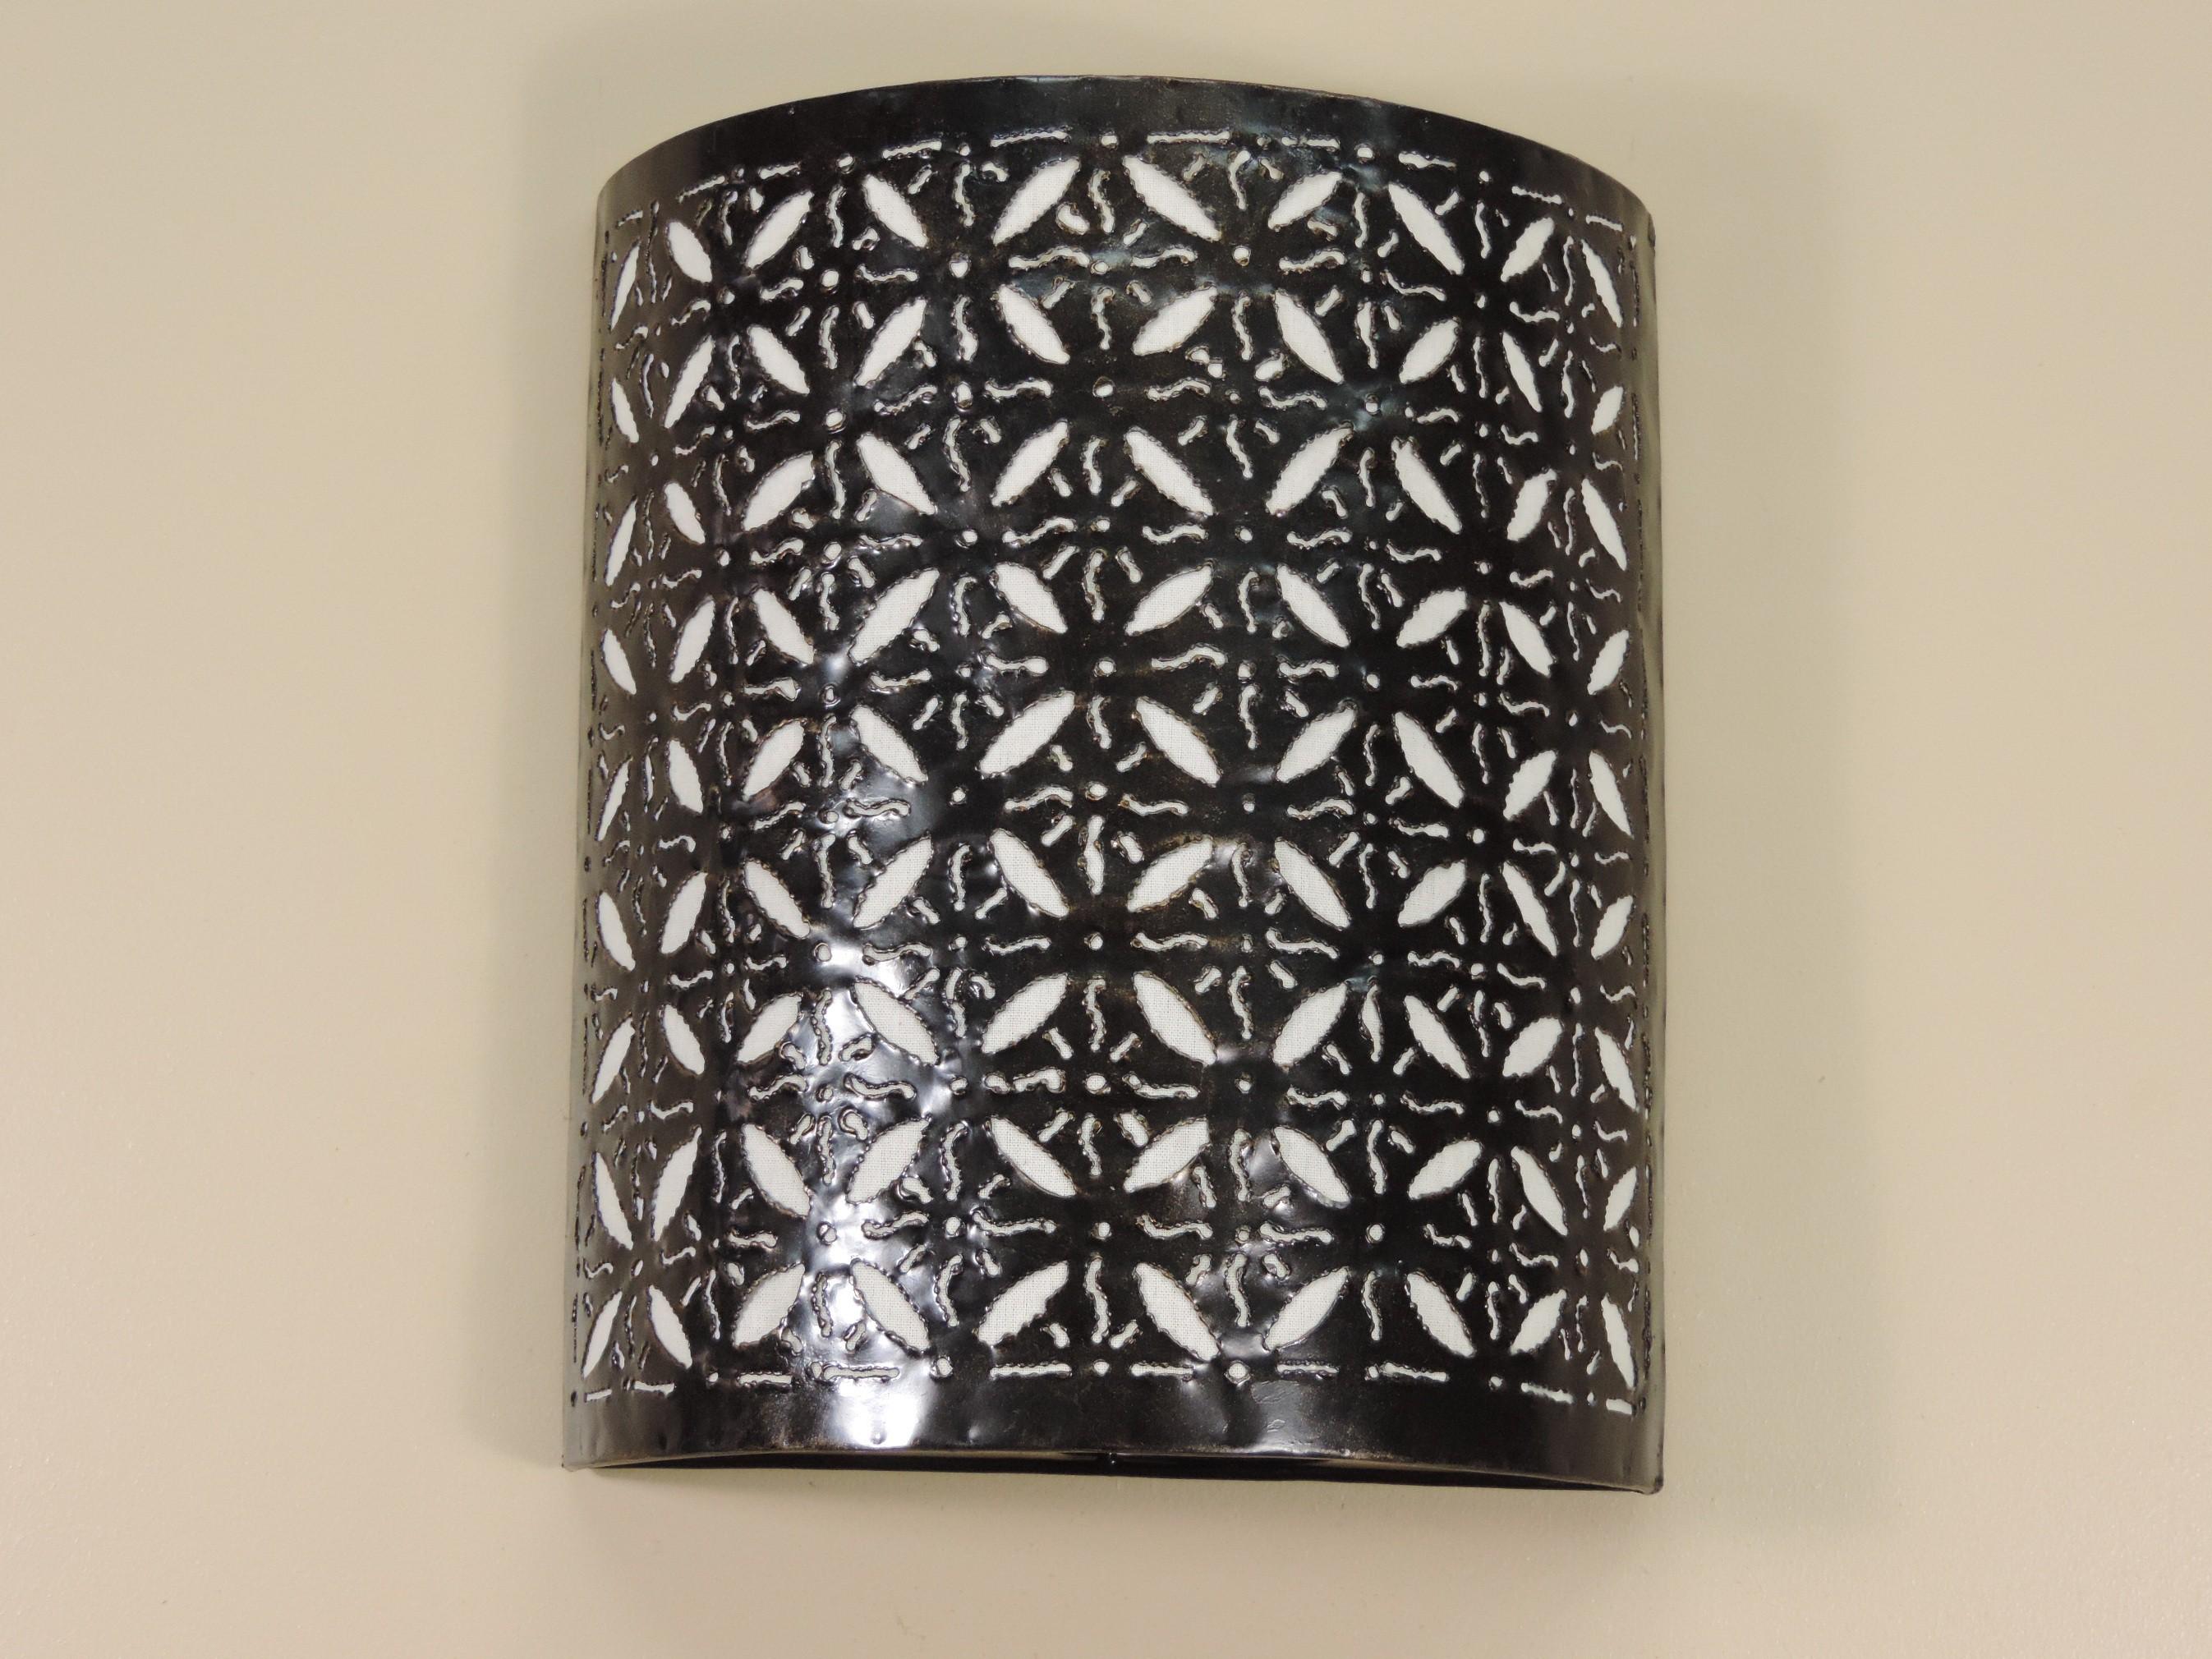 neuf applique en fer forg blanche fleur 30 cm ebay. Black Bedroom Furniture Sets. Home Design Ideas